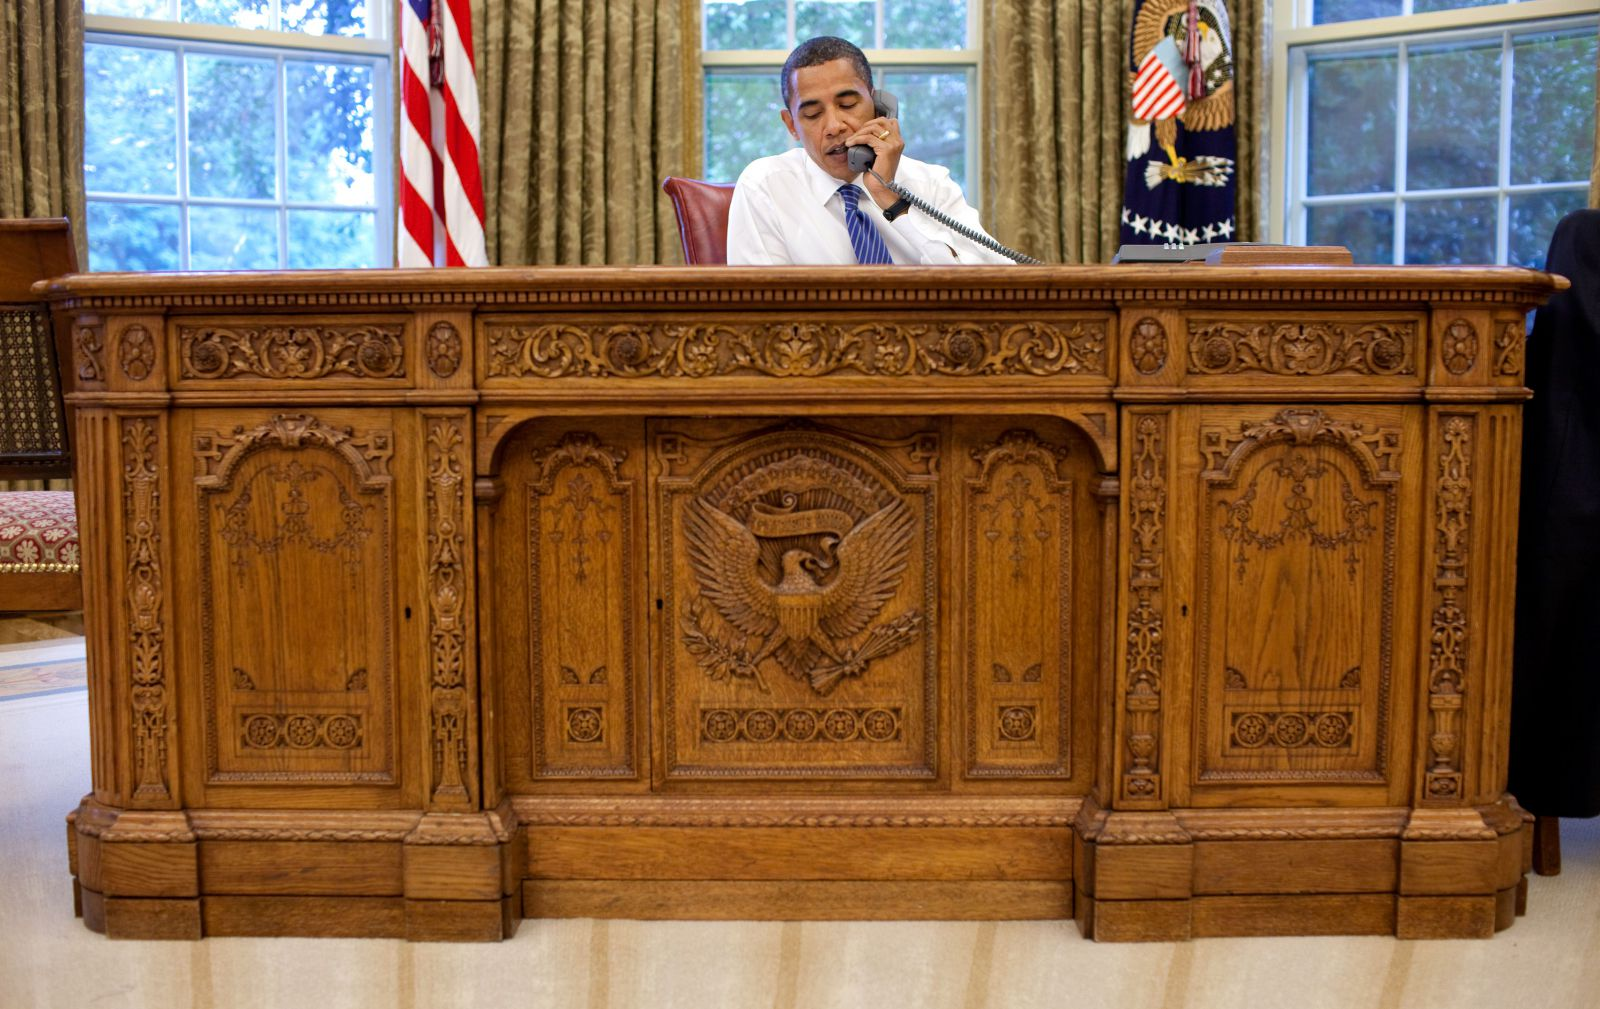 Obama at his Presidents Desk